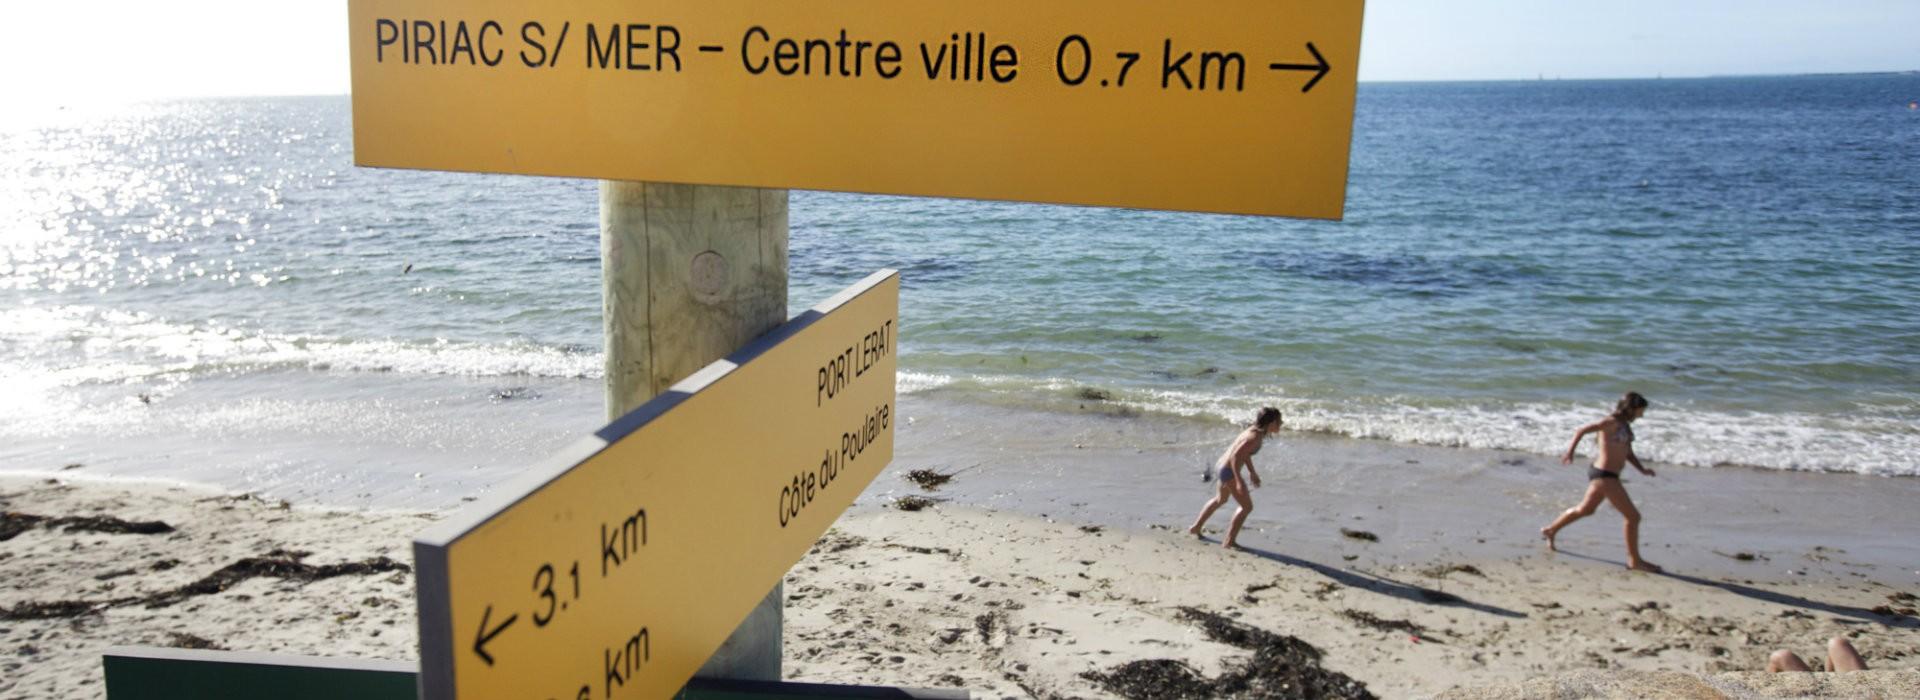 Plage du Closio Piriac-sur-Mer